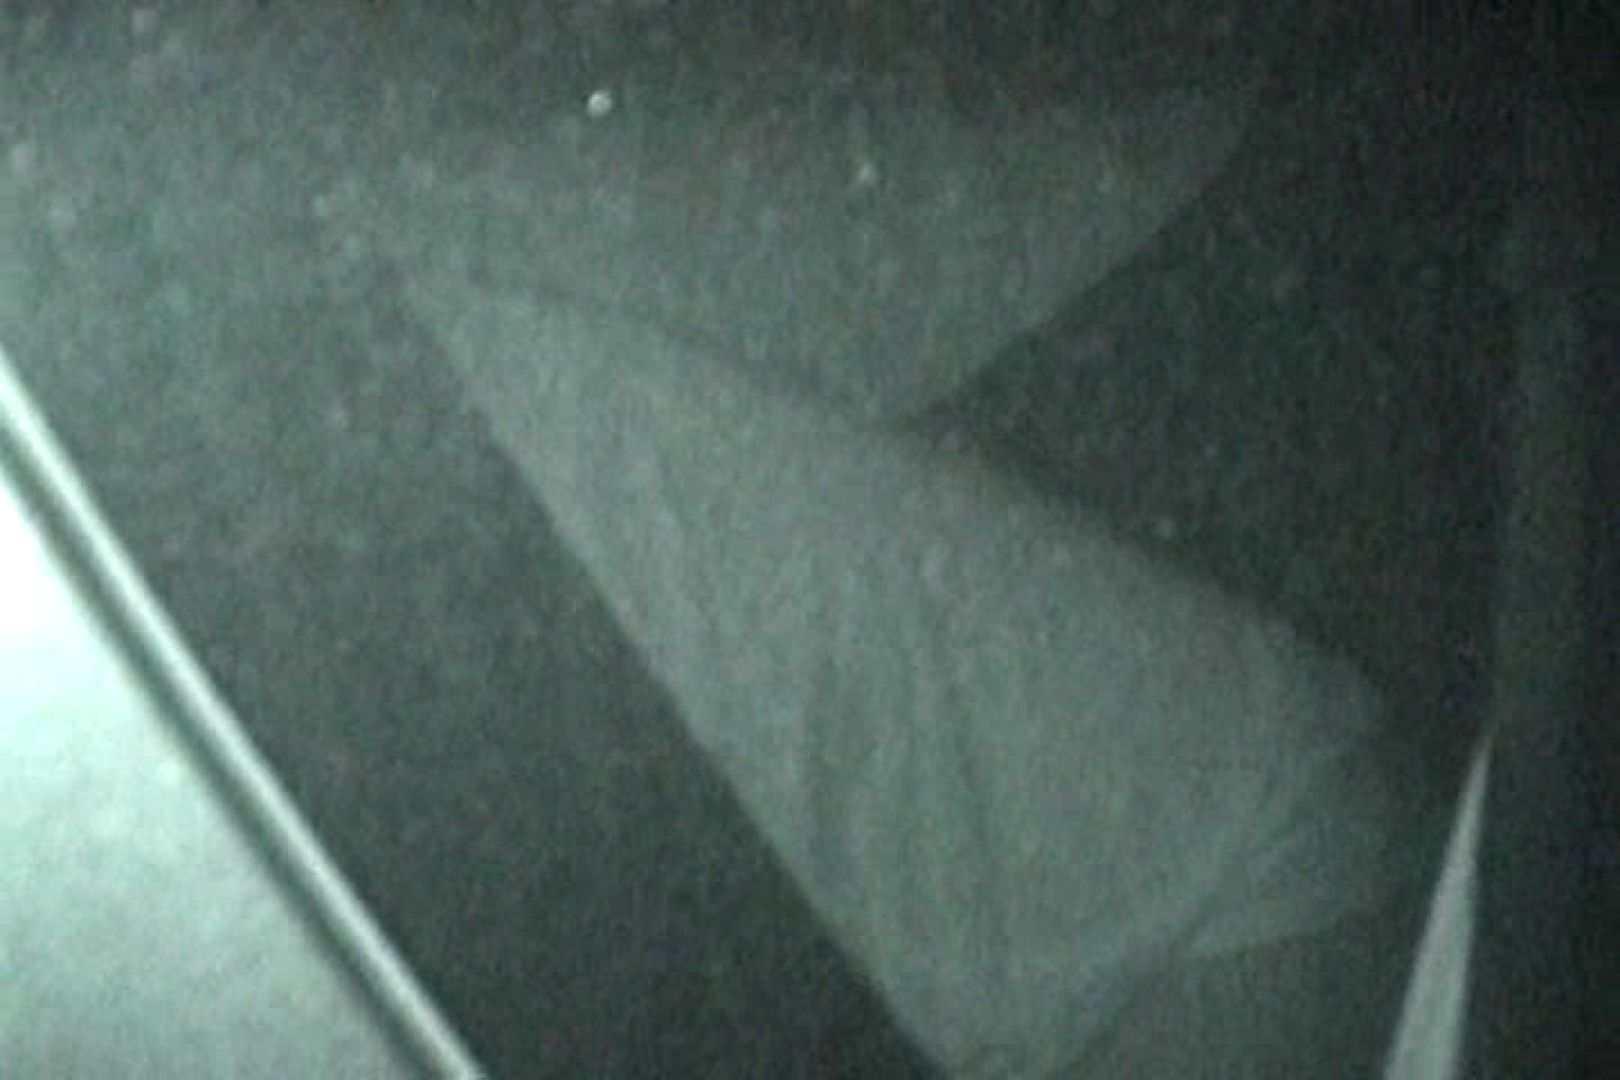 充血監督の深夜の運動会Vol.146 カップルのセックス エロ画像 94PIX 17